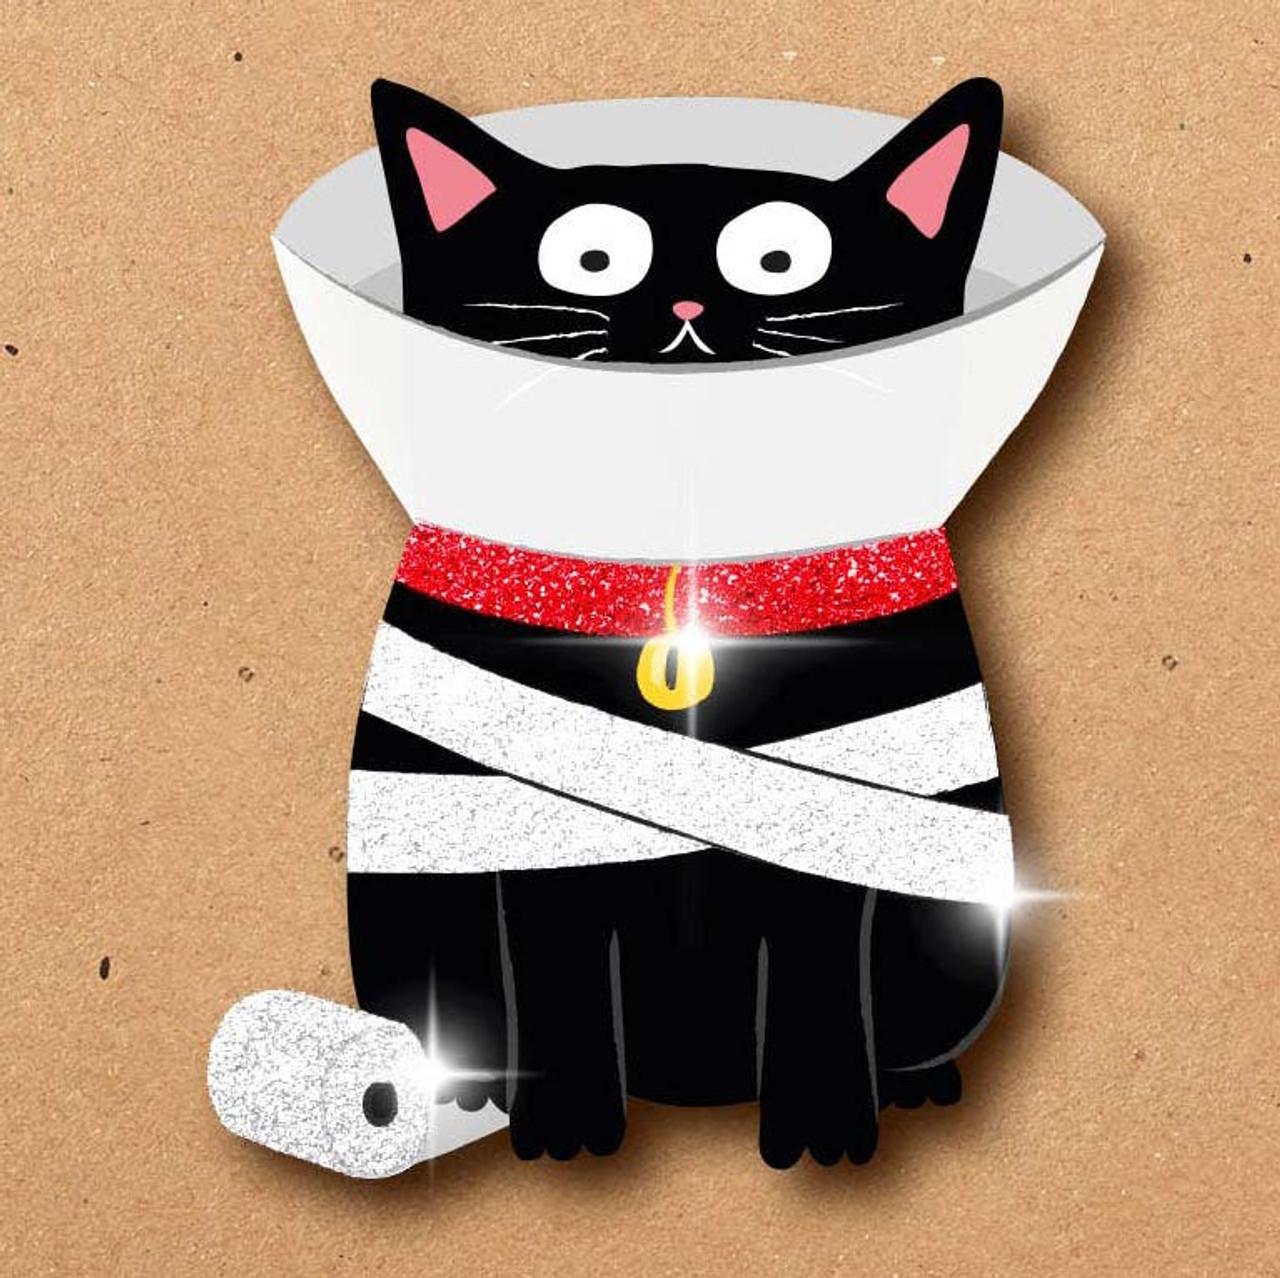 Black Cat In A Cone Wishing  You're Feline Better Soon